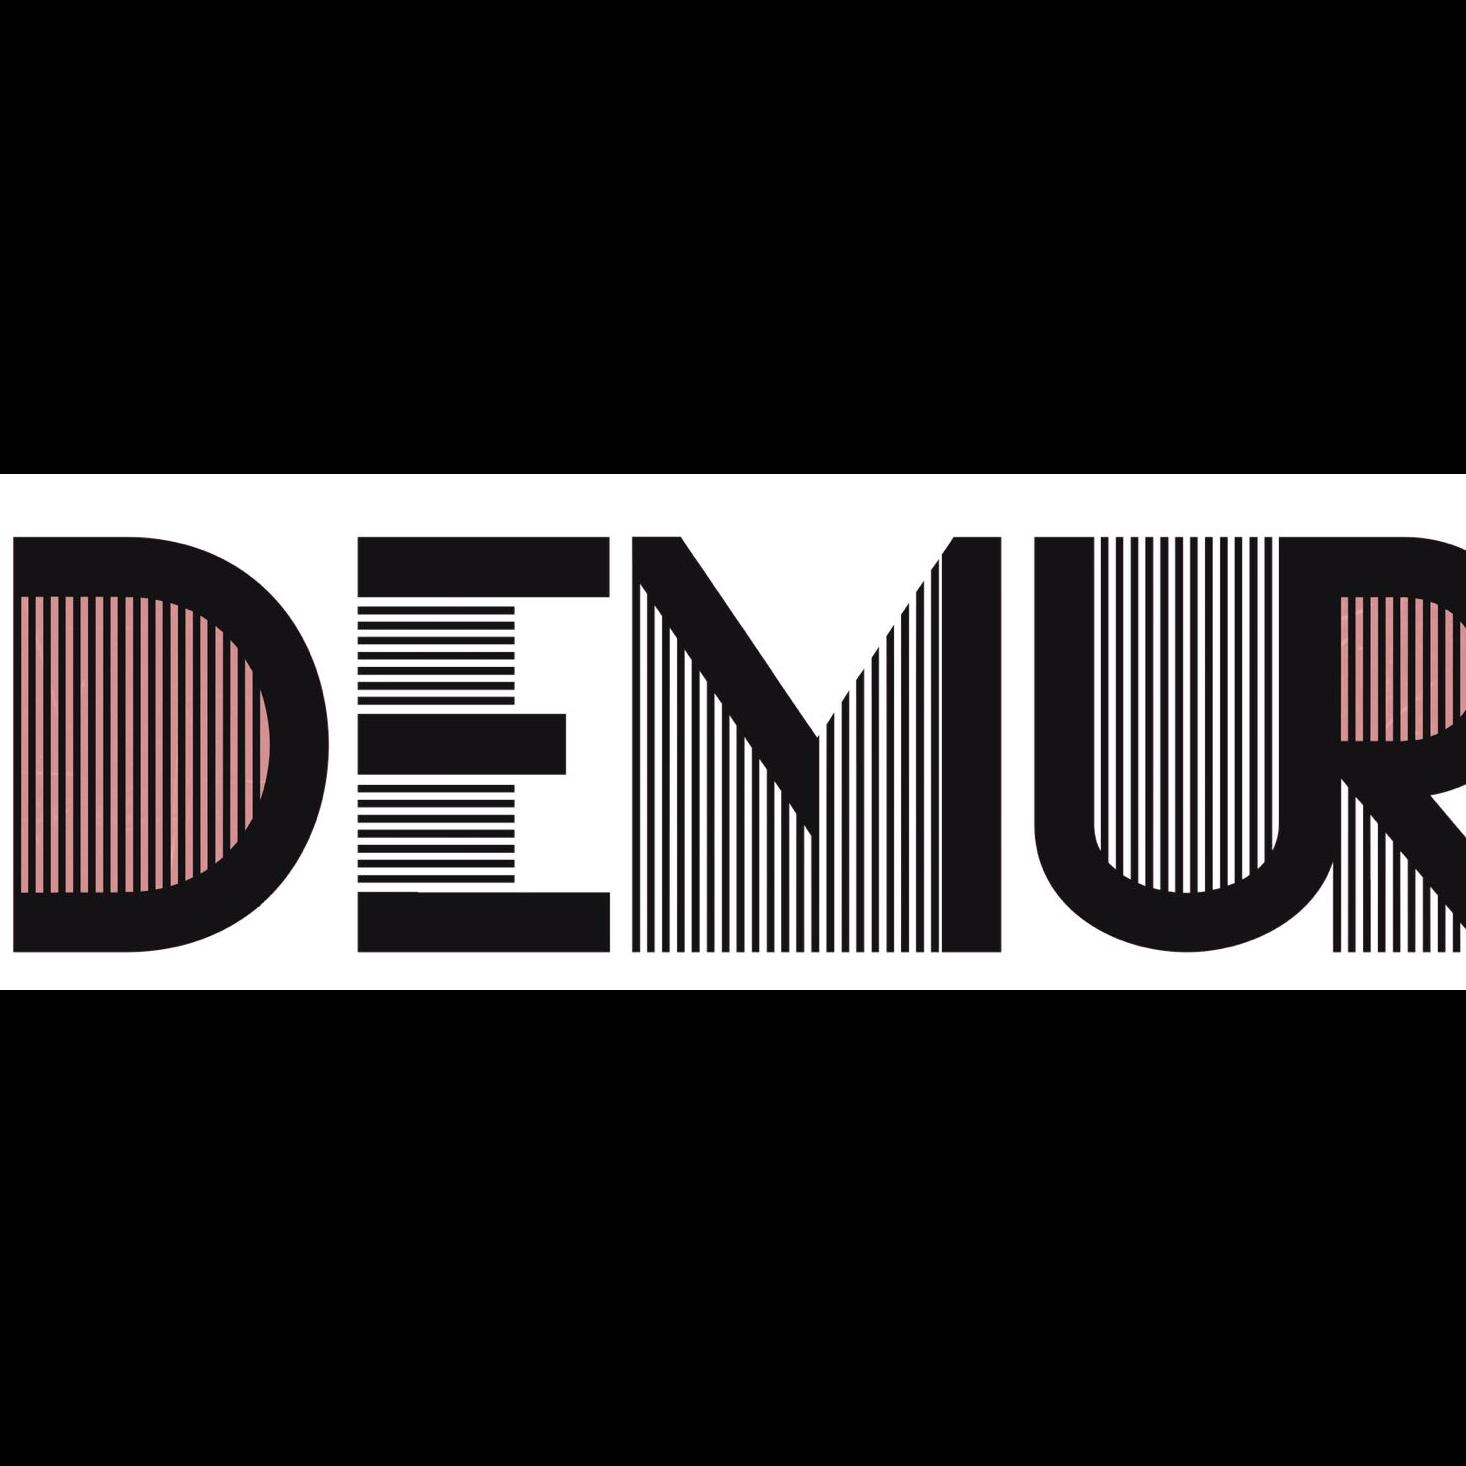 DemurMagazine